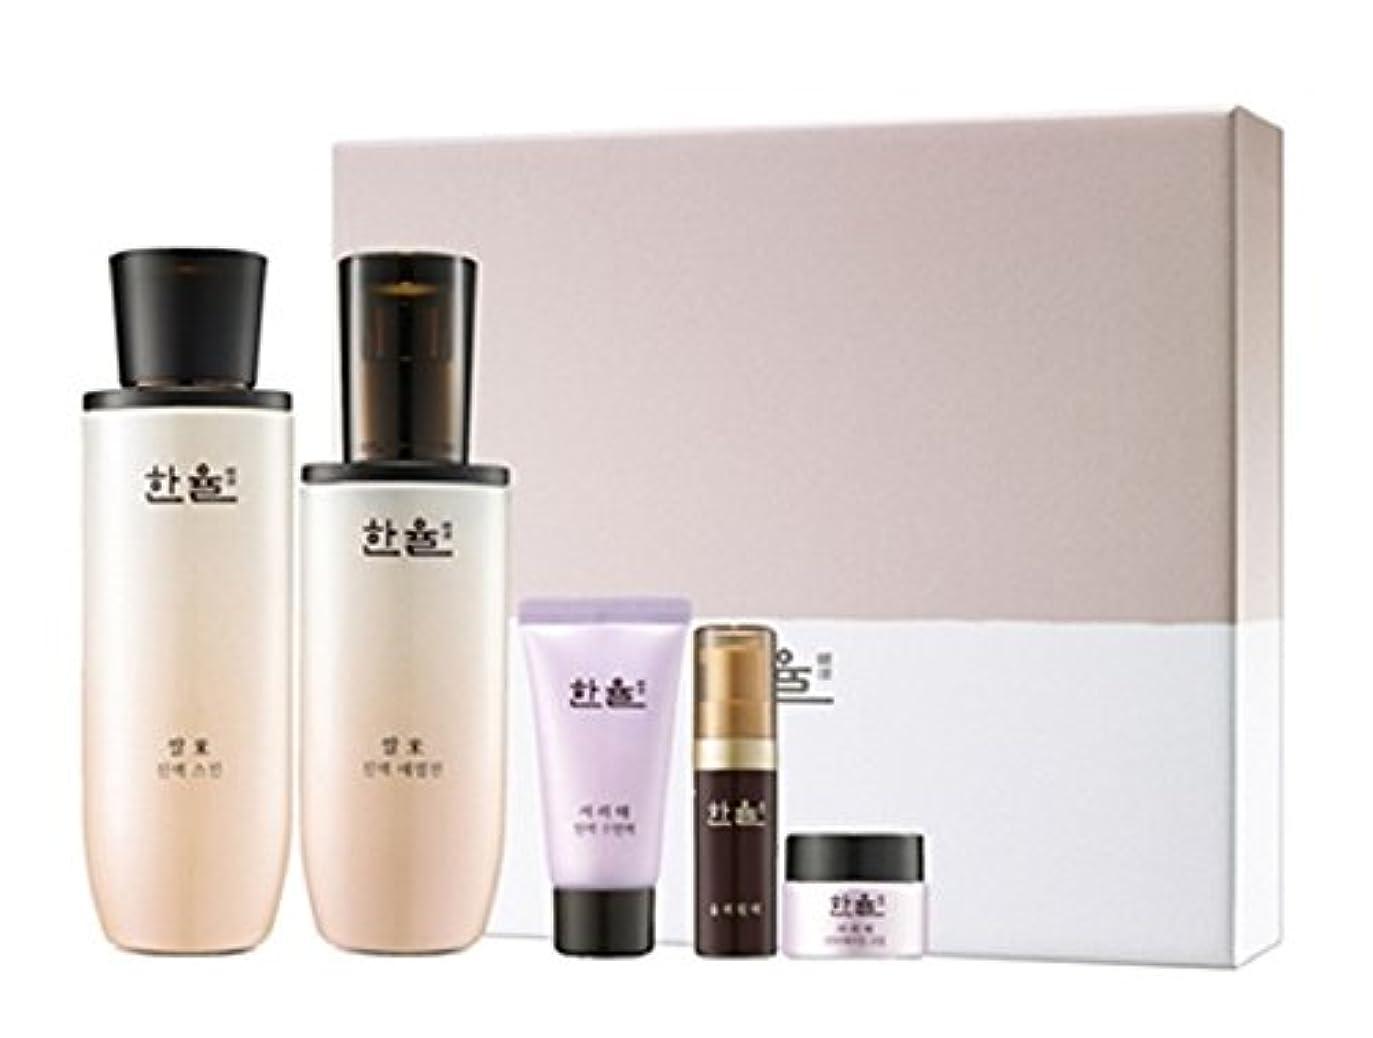 アスペクト回復悲観主義者(ハンユル) HANYUL 韓律 ライス(米) 津液スキン 150ml&エマルジョン125ml 2点セット Rice Essential Skin Softner&Emulsion 海外直送品